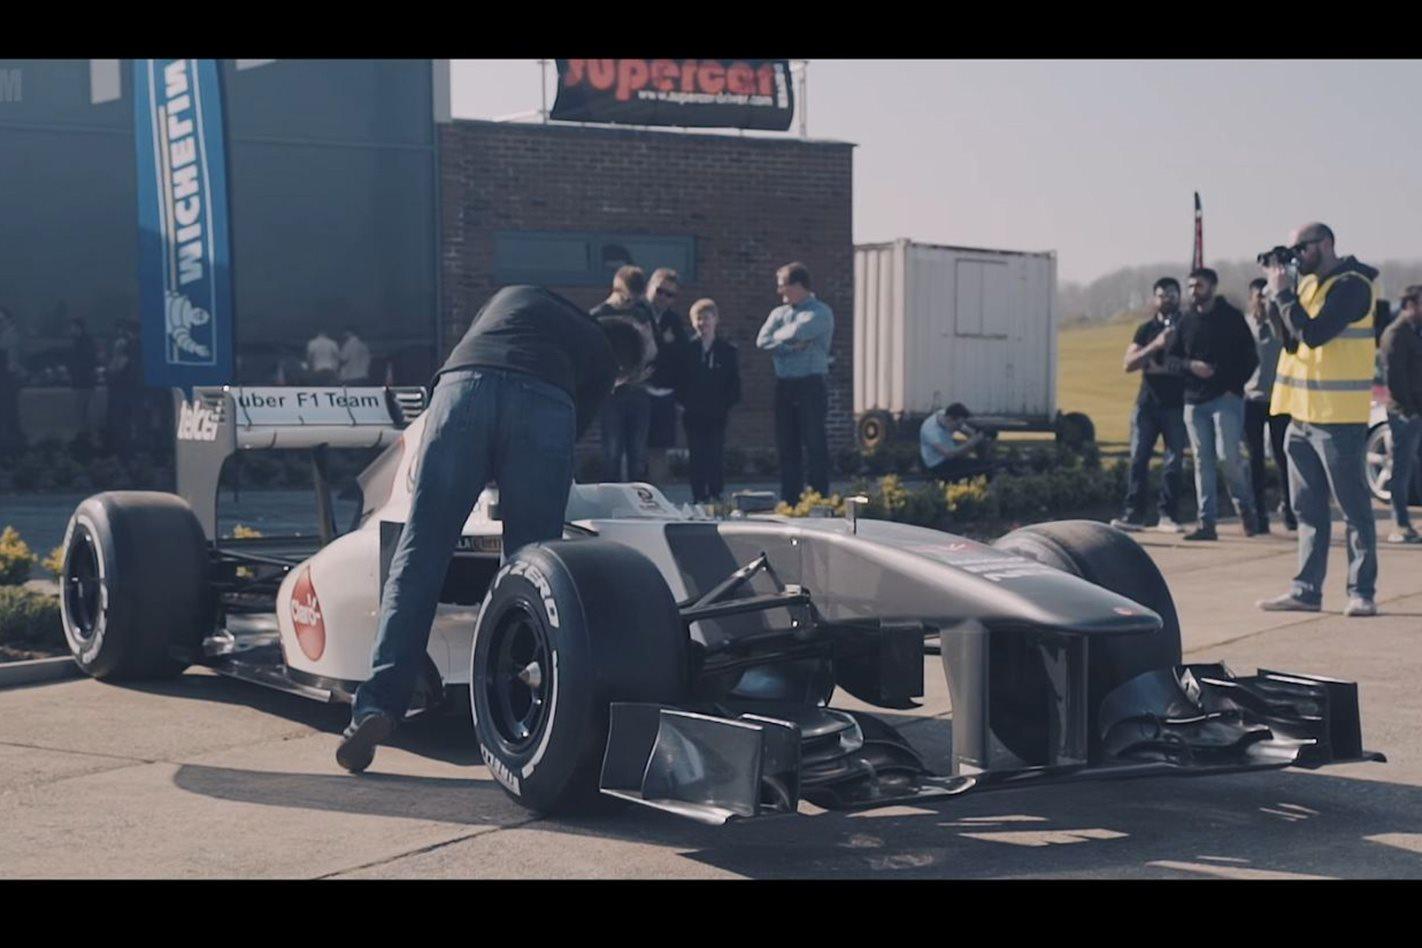 Supercar Driver Secret Supercar Meet Sauber F1